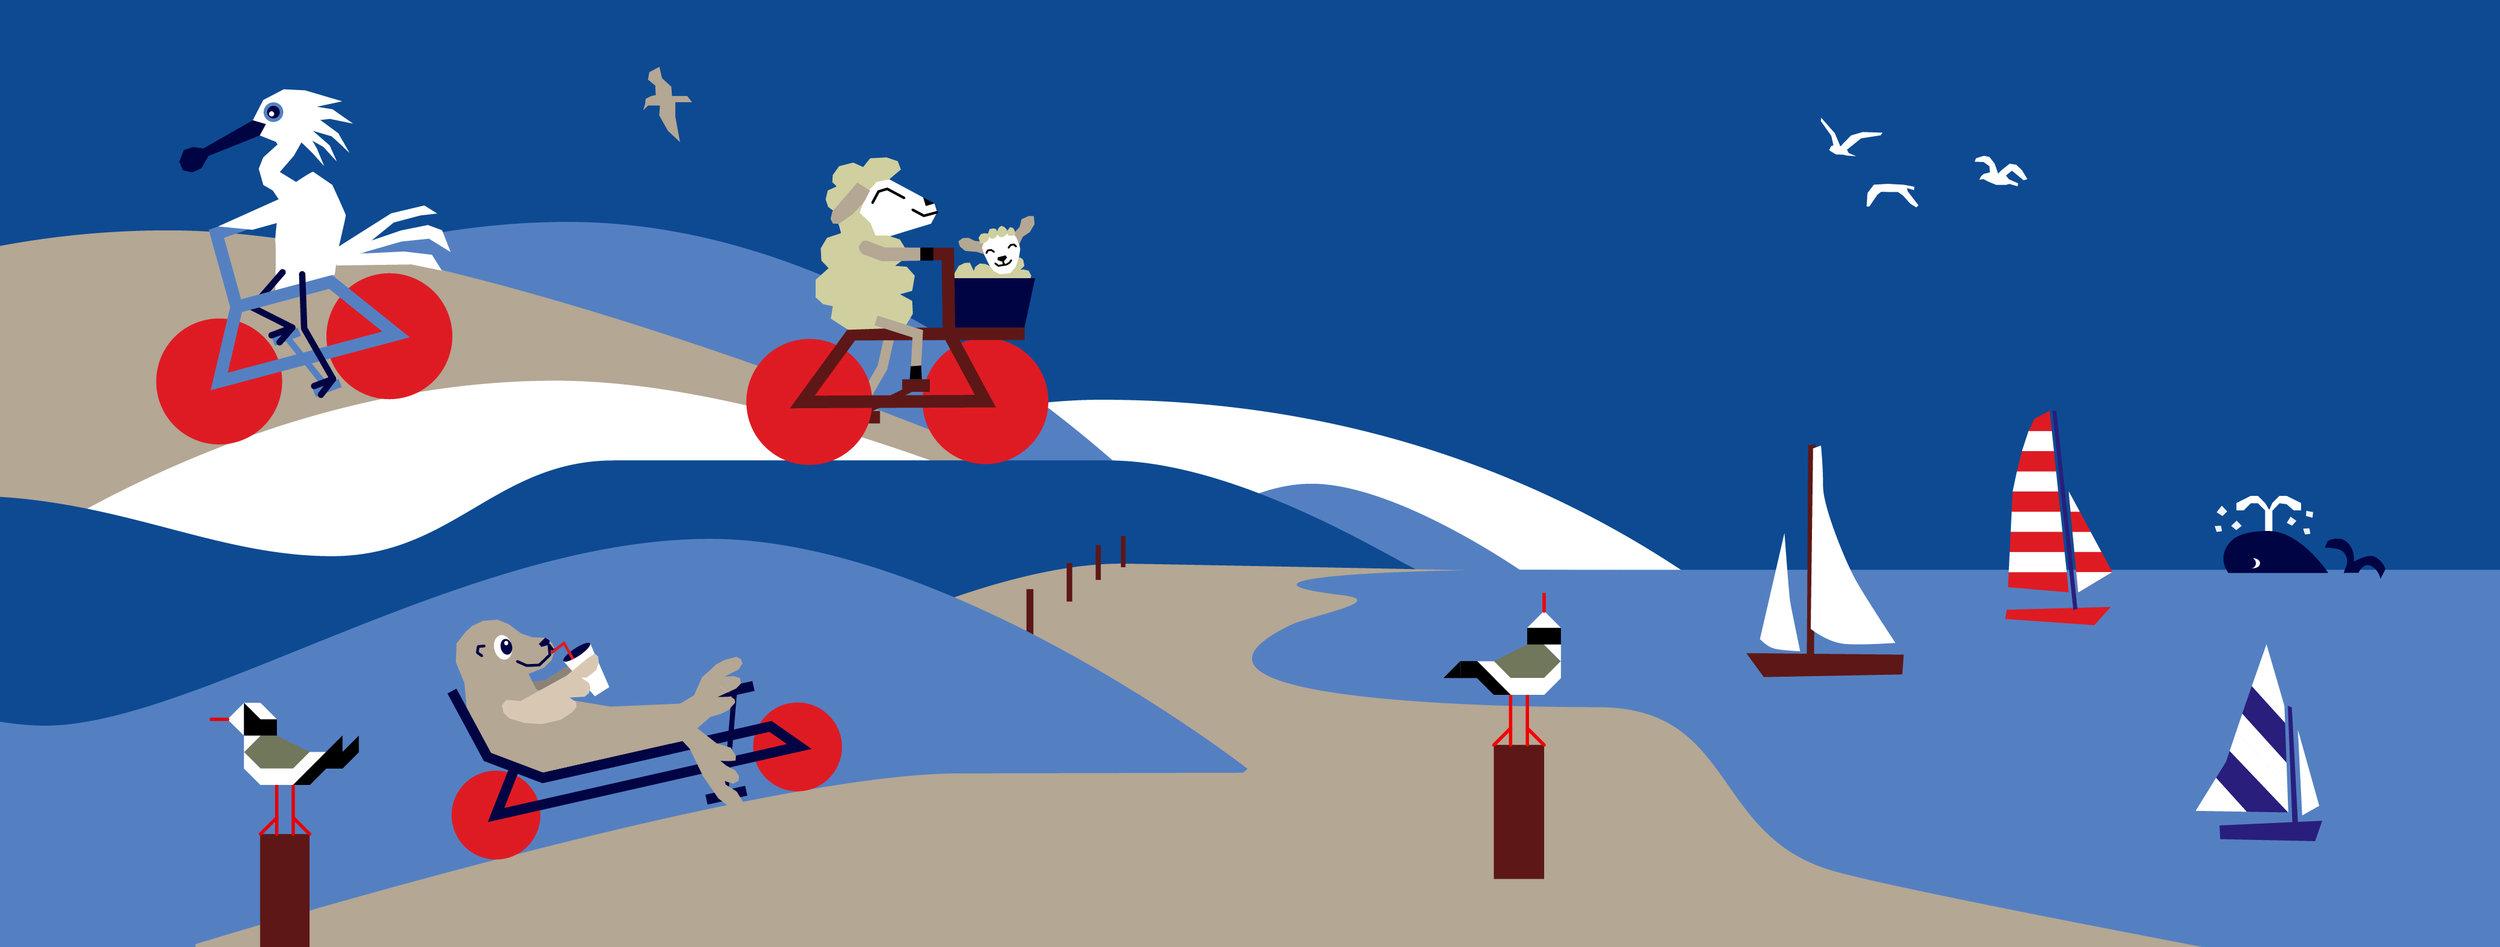 fietsenstalling_03-02.jpg